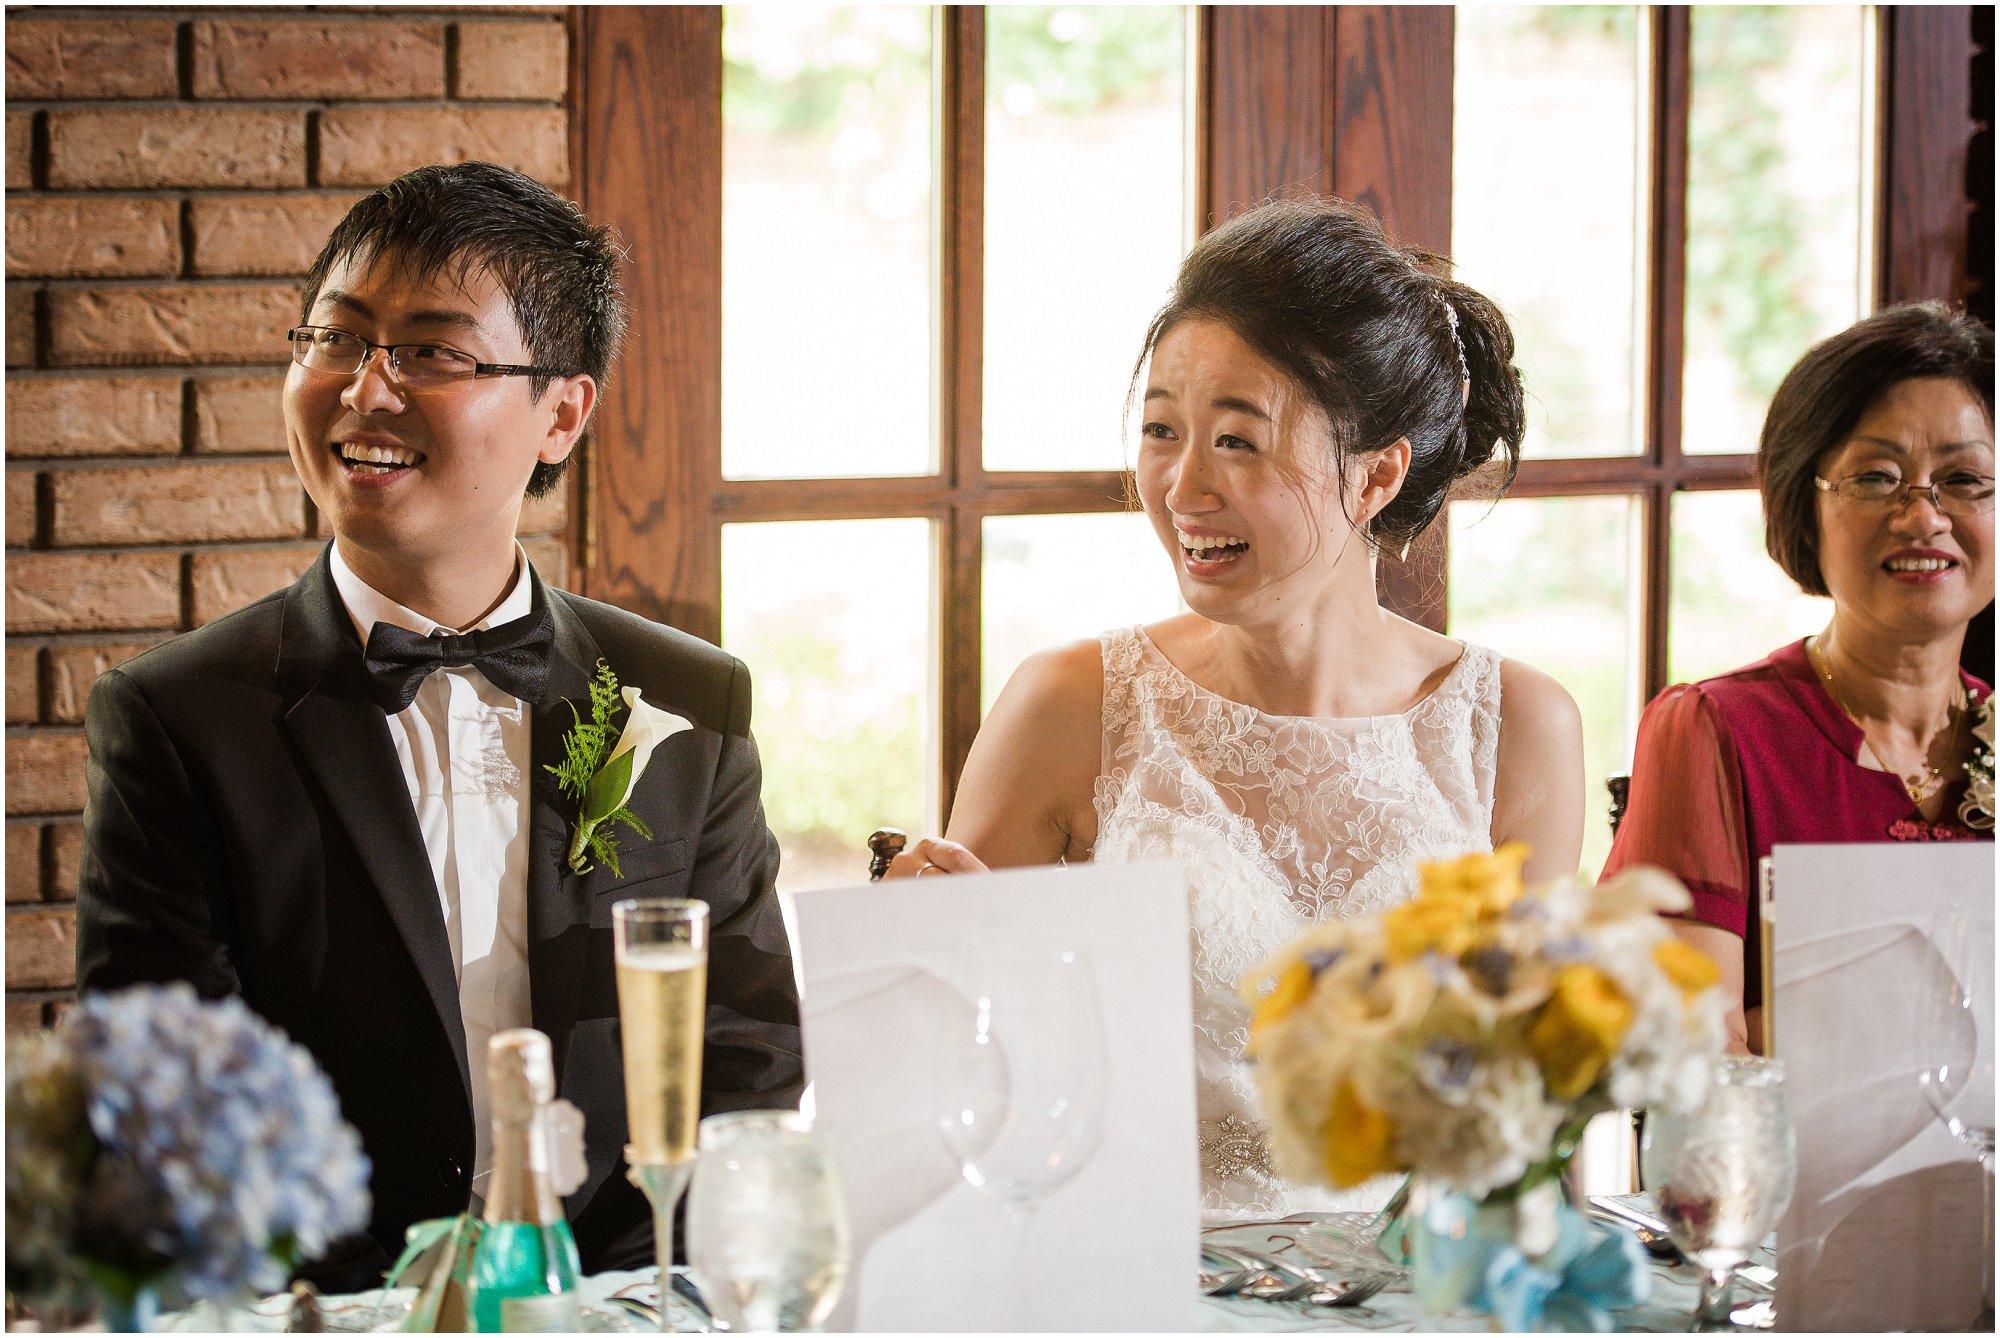 University-of-michigan-museum-of-art-wedding_1339.jpg